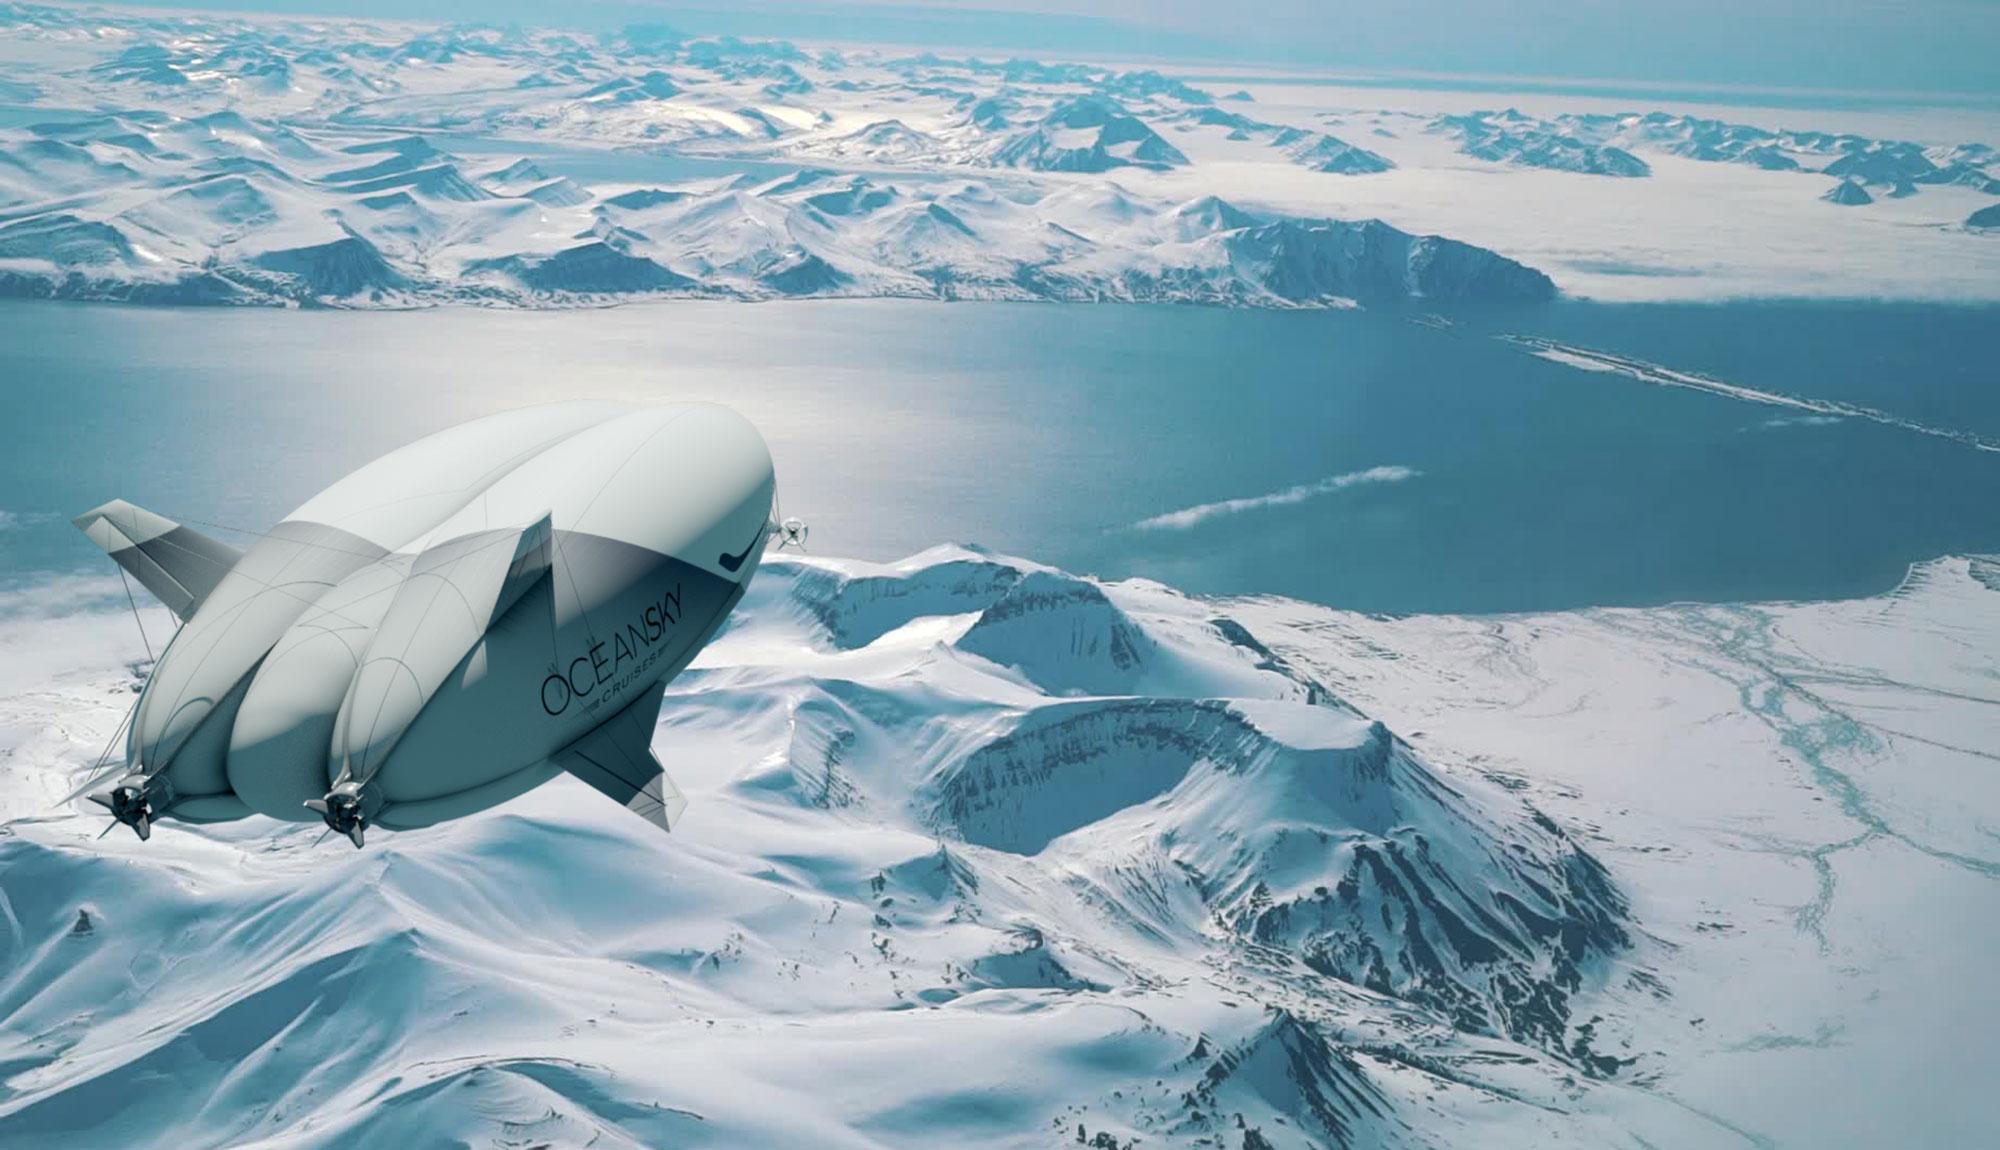 Bru & Bru agencia de viajes, OceanSky Cruises, vuelos en dirigible al Polo Norte. Visualization by KIRTxTHOMSEN